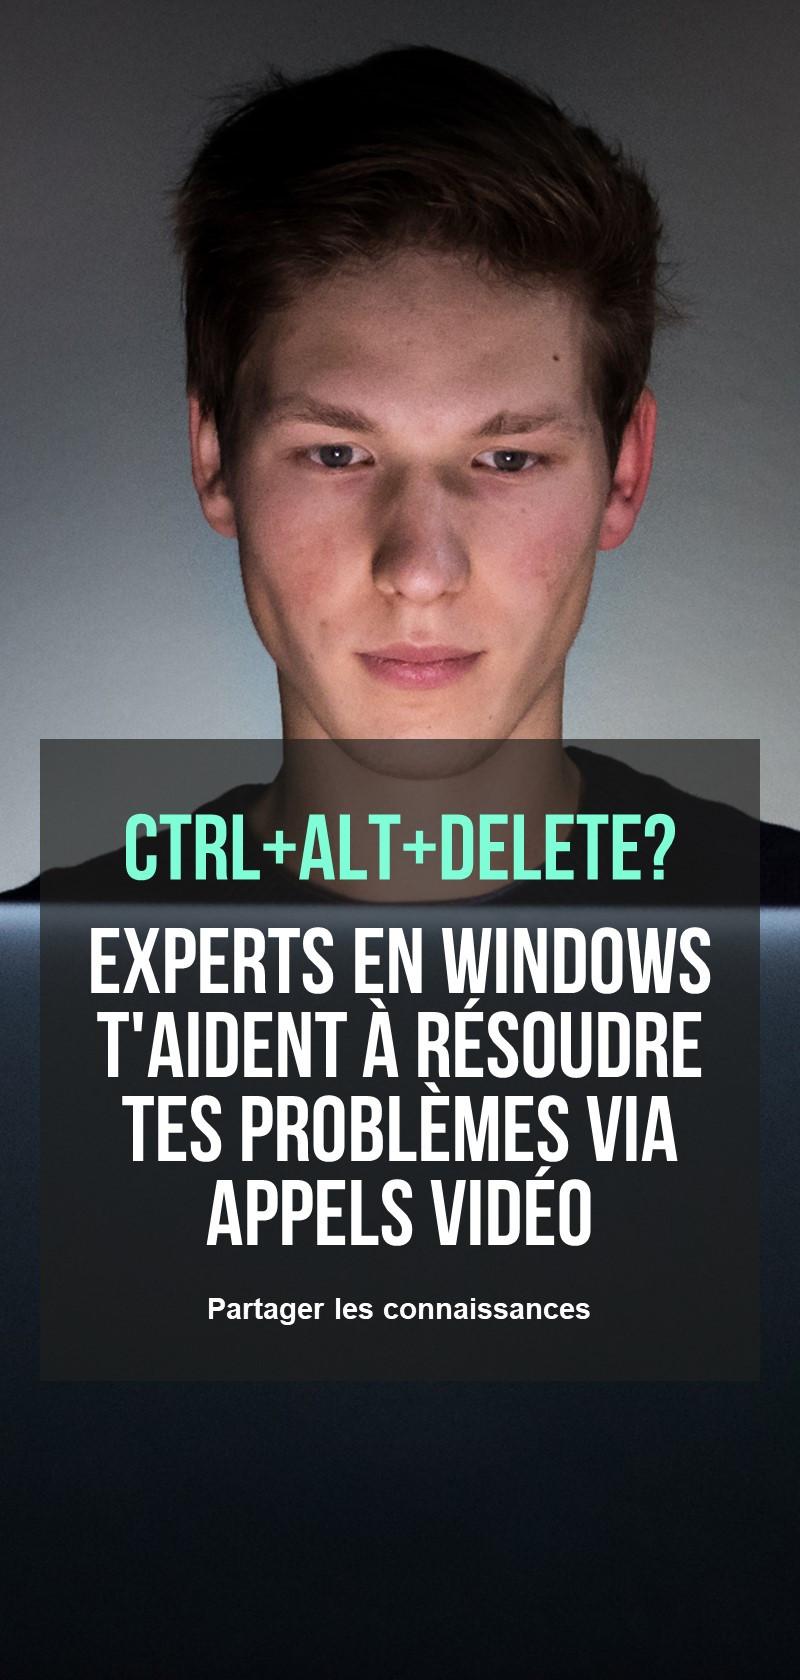 Experts Windows pour l'assistance à distance